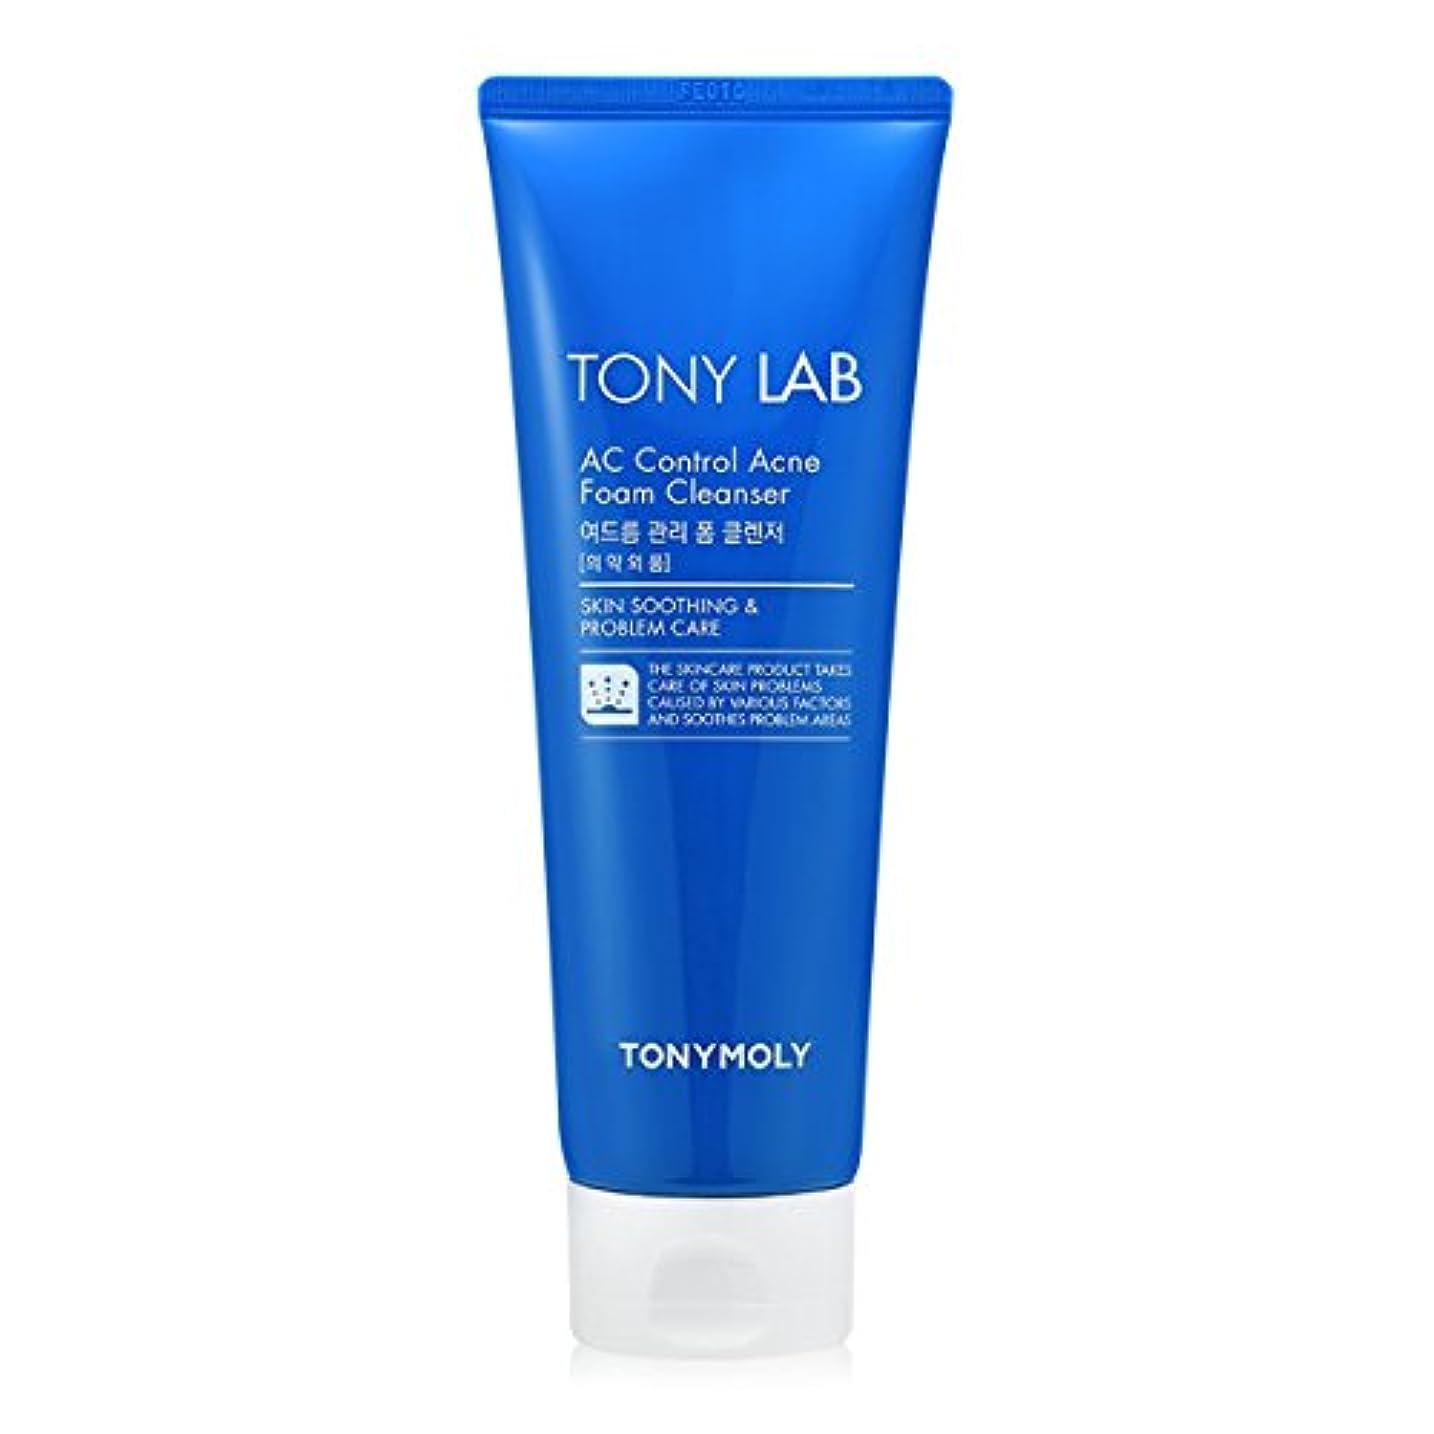 失礼伝統ピル[New] TONYMOLY Tony Lab AC Control Acne Foam Cleanser 150ml/トニーモリー トニー ラボ AC コントロール アクネ フォーム クレンザー 150ml